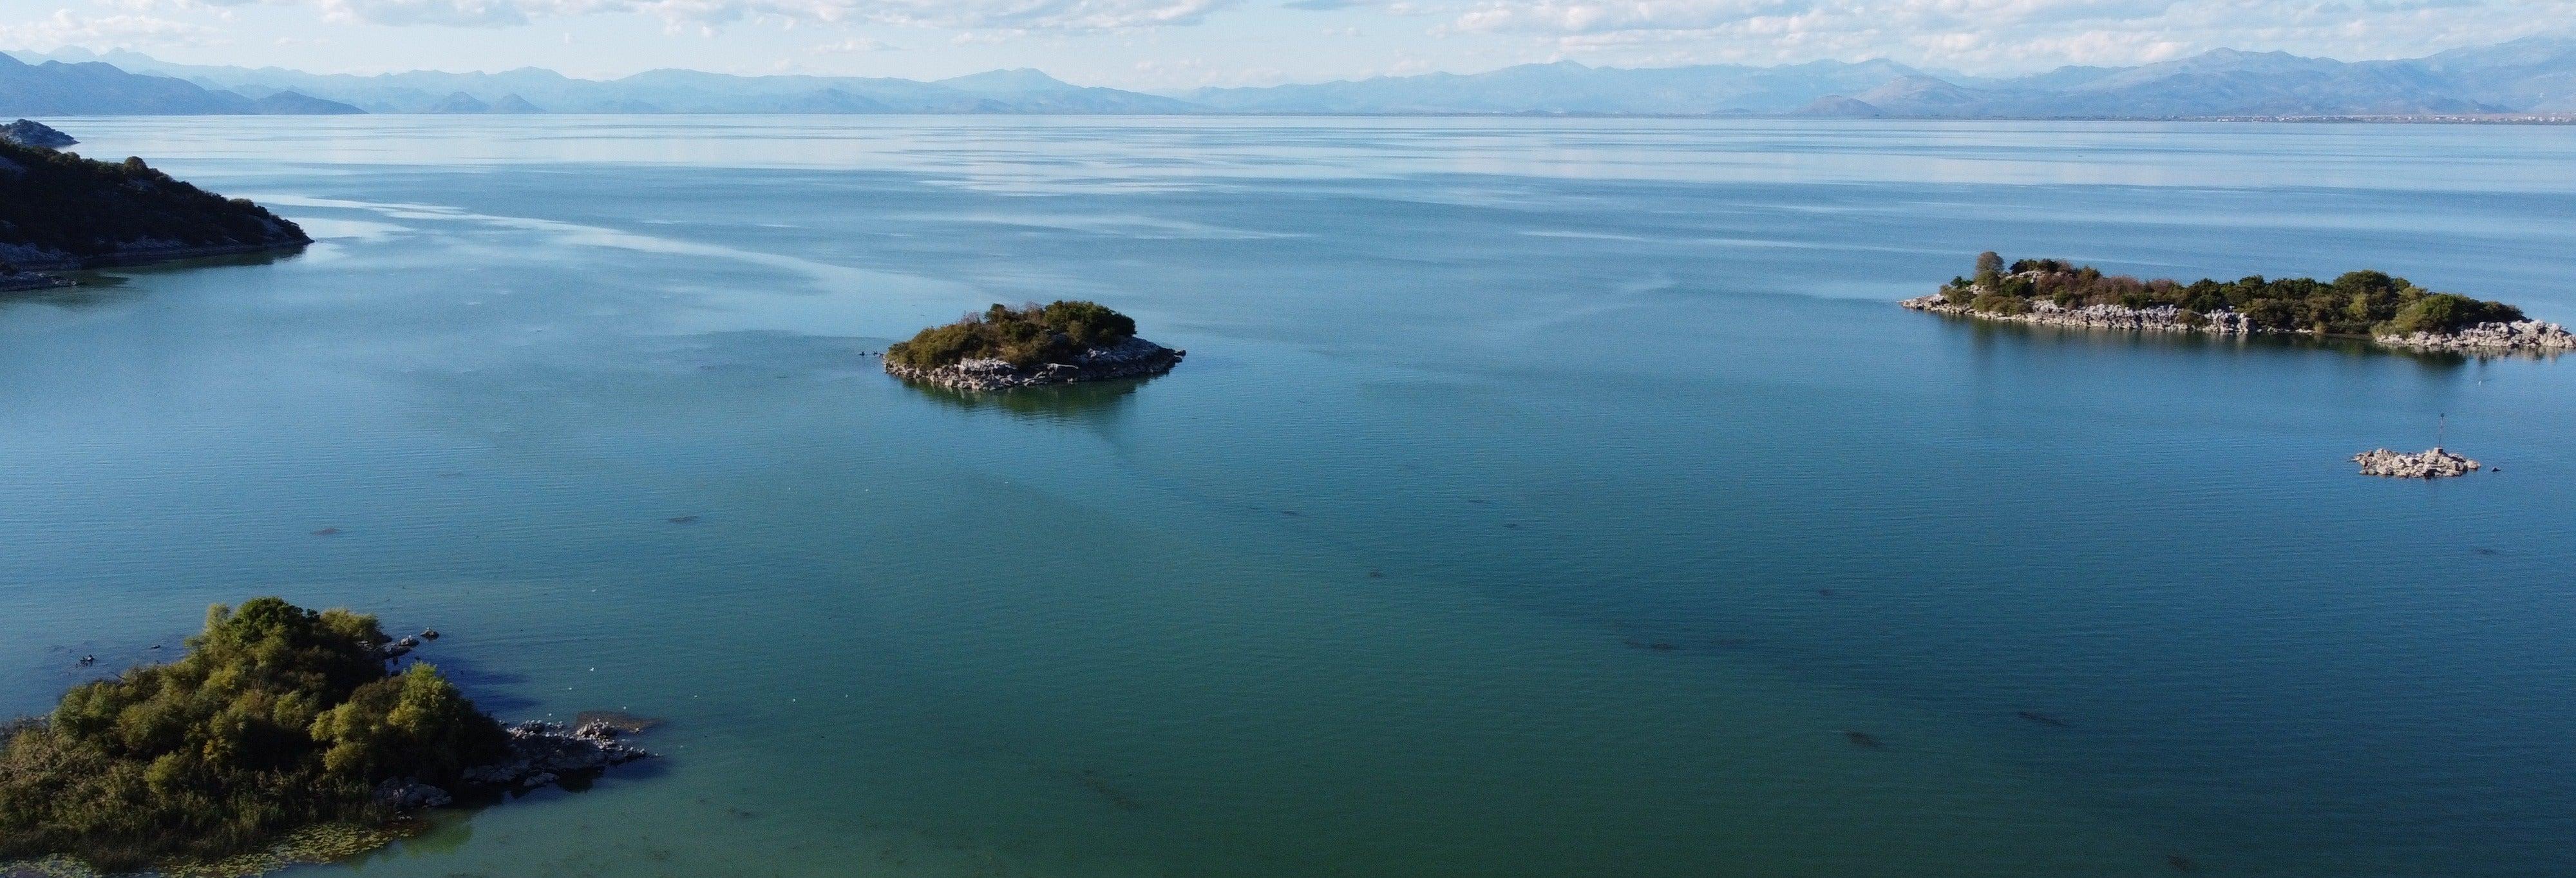 Escursione al lago di Scutari